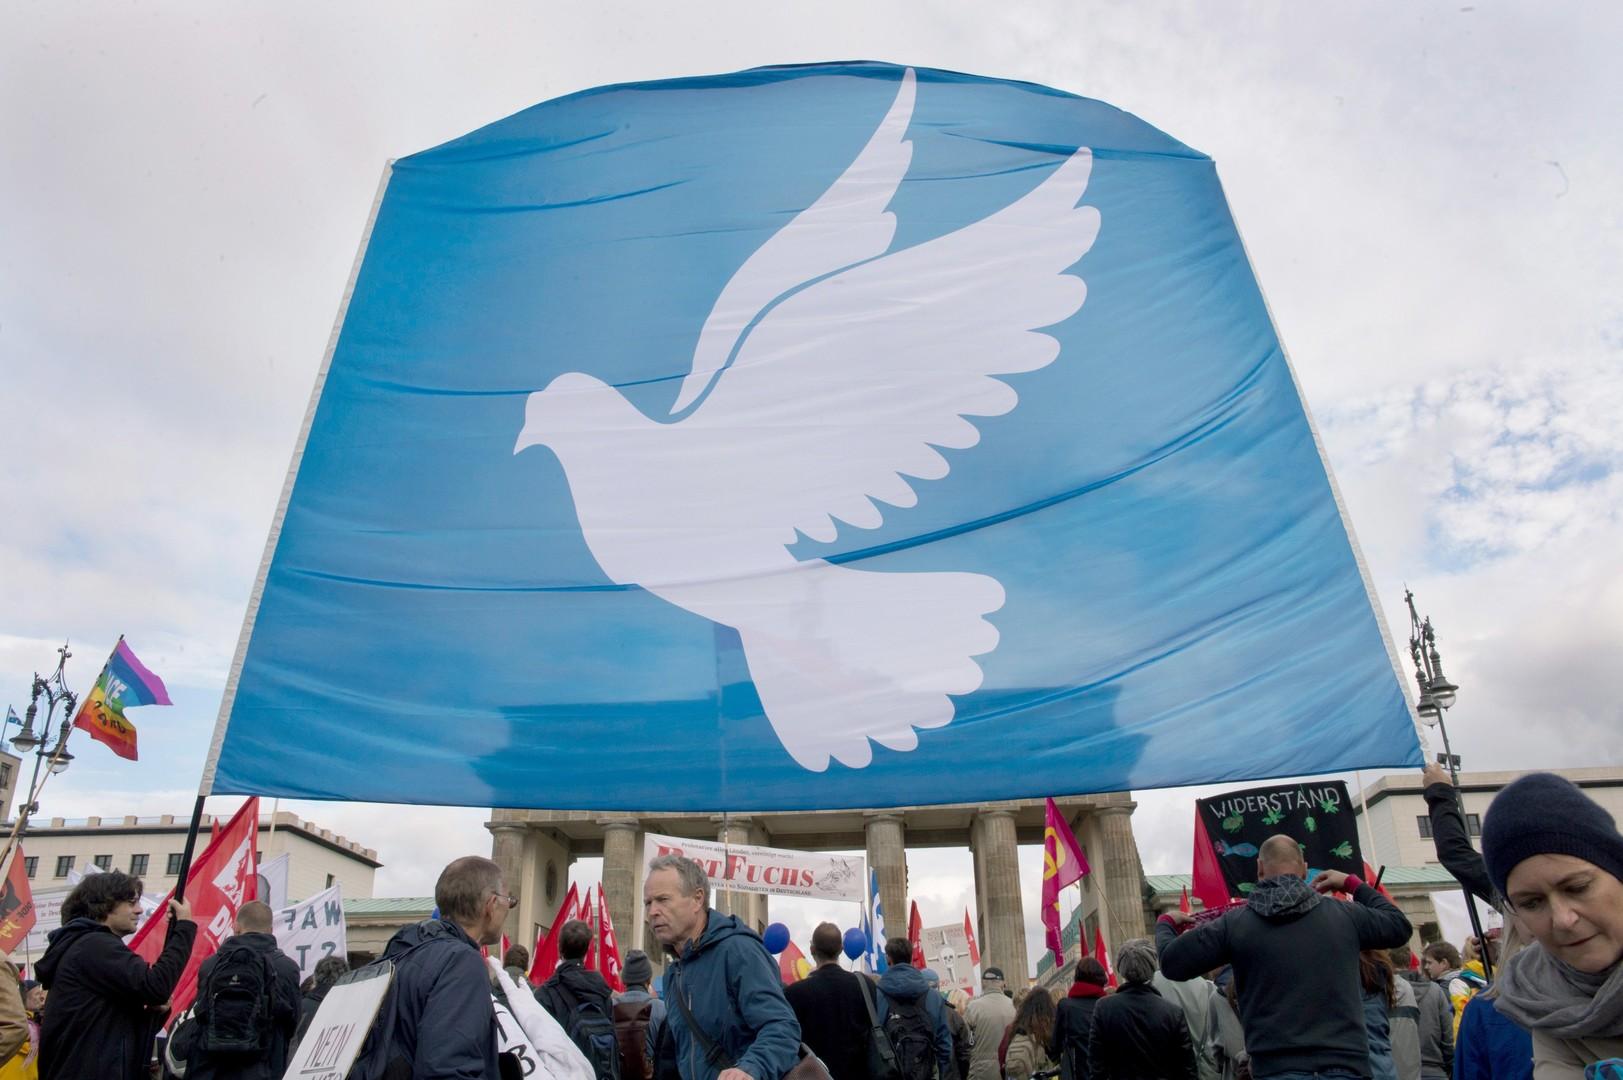 مؤشر حب السلام: لماذا وضعوا روسيا إلى جانب الكونغو وليبيا؟